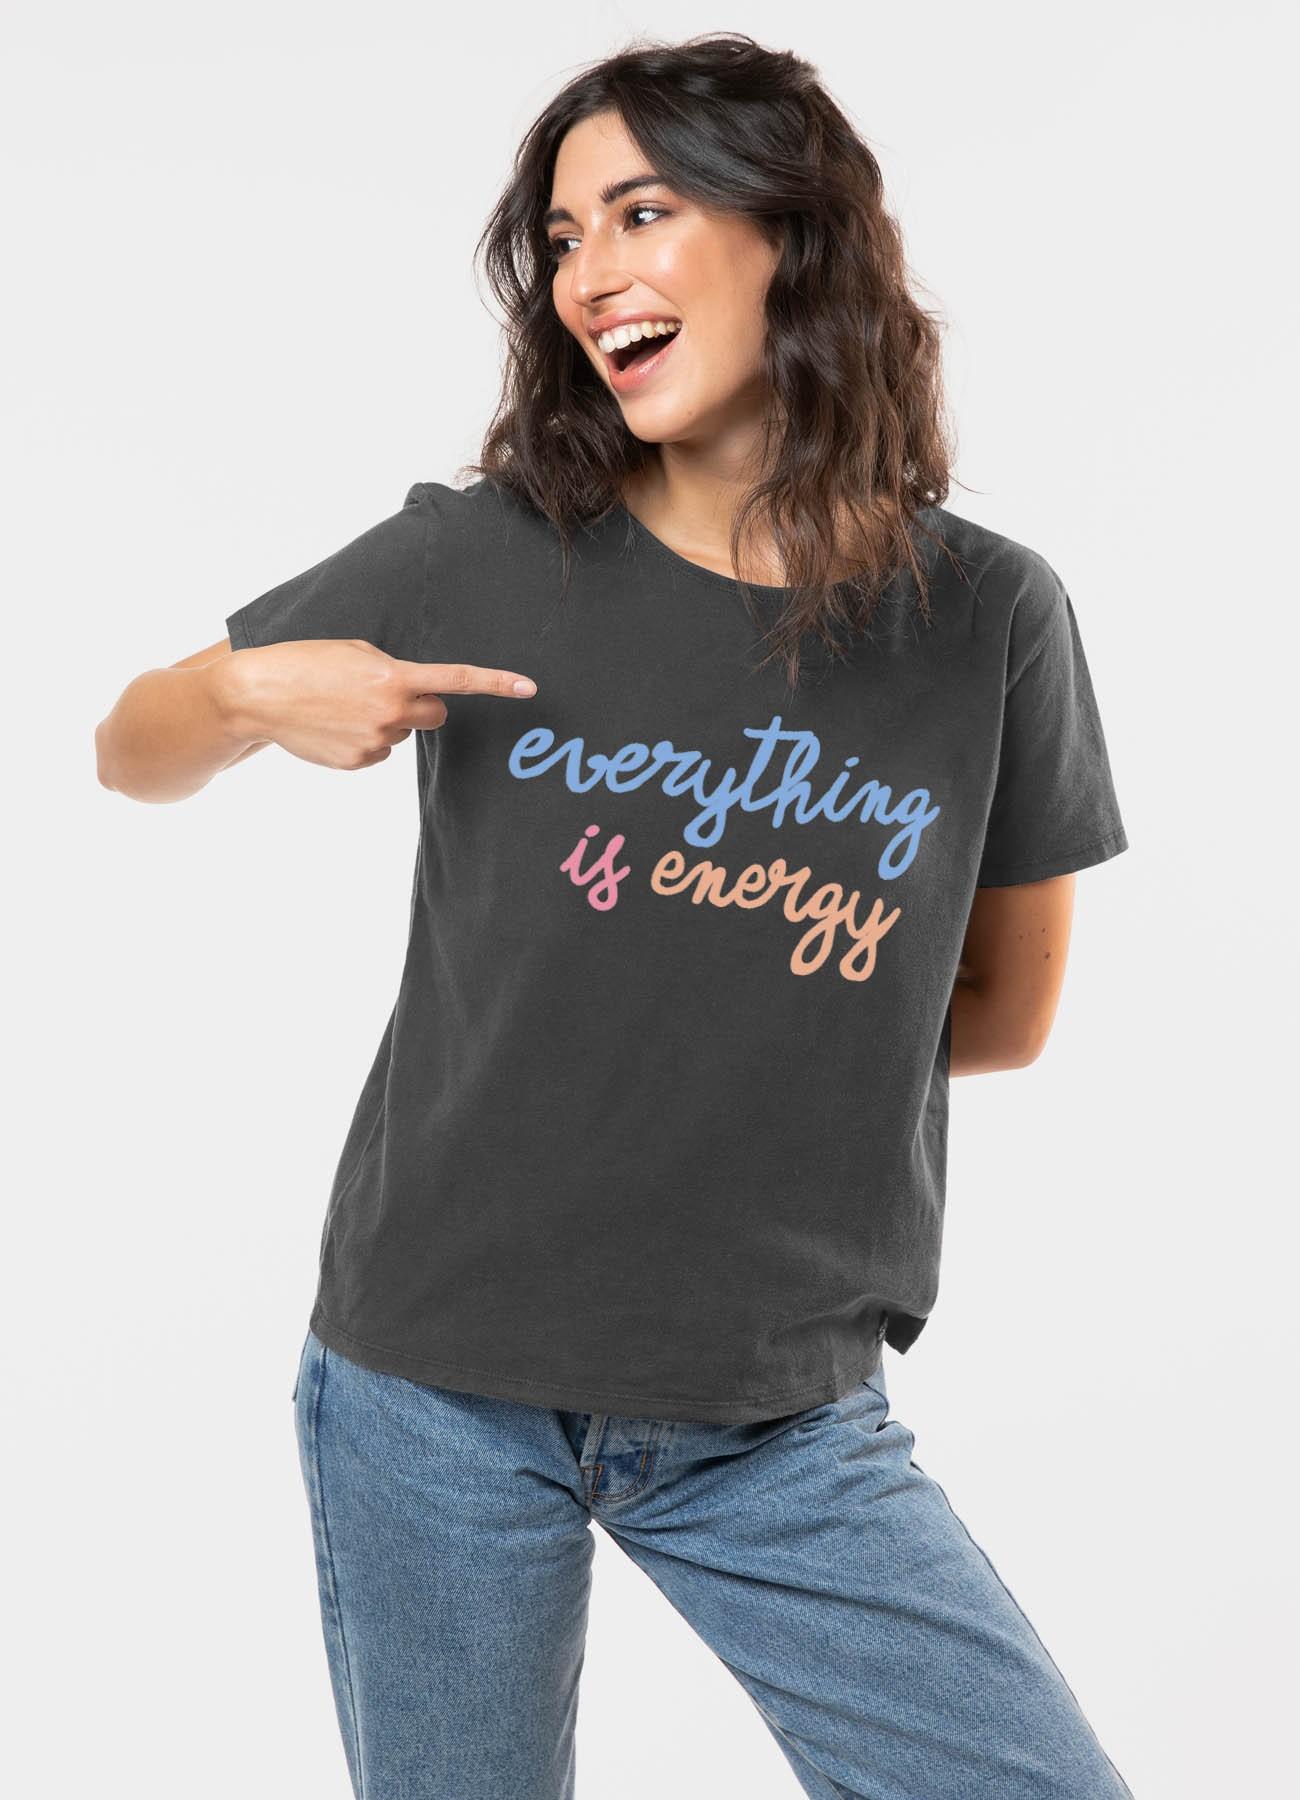 camiseta everythings energy. Dear tee. 2